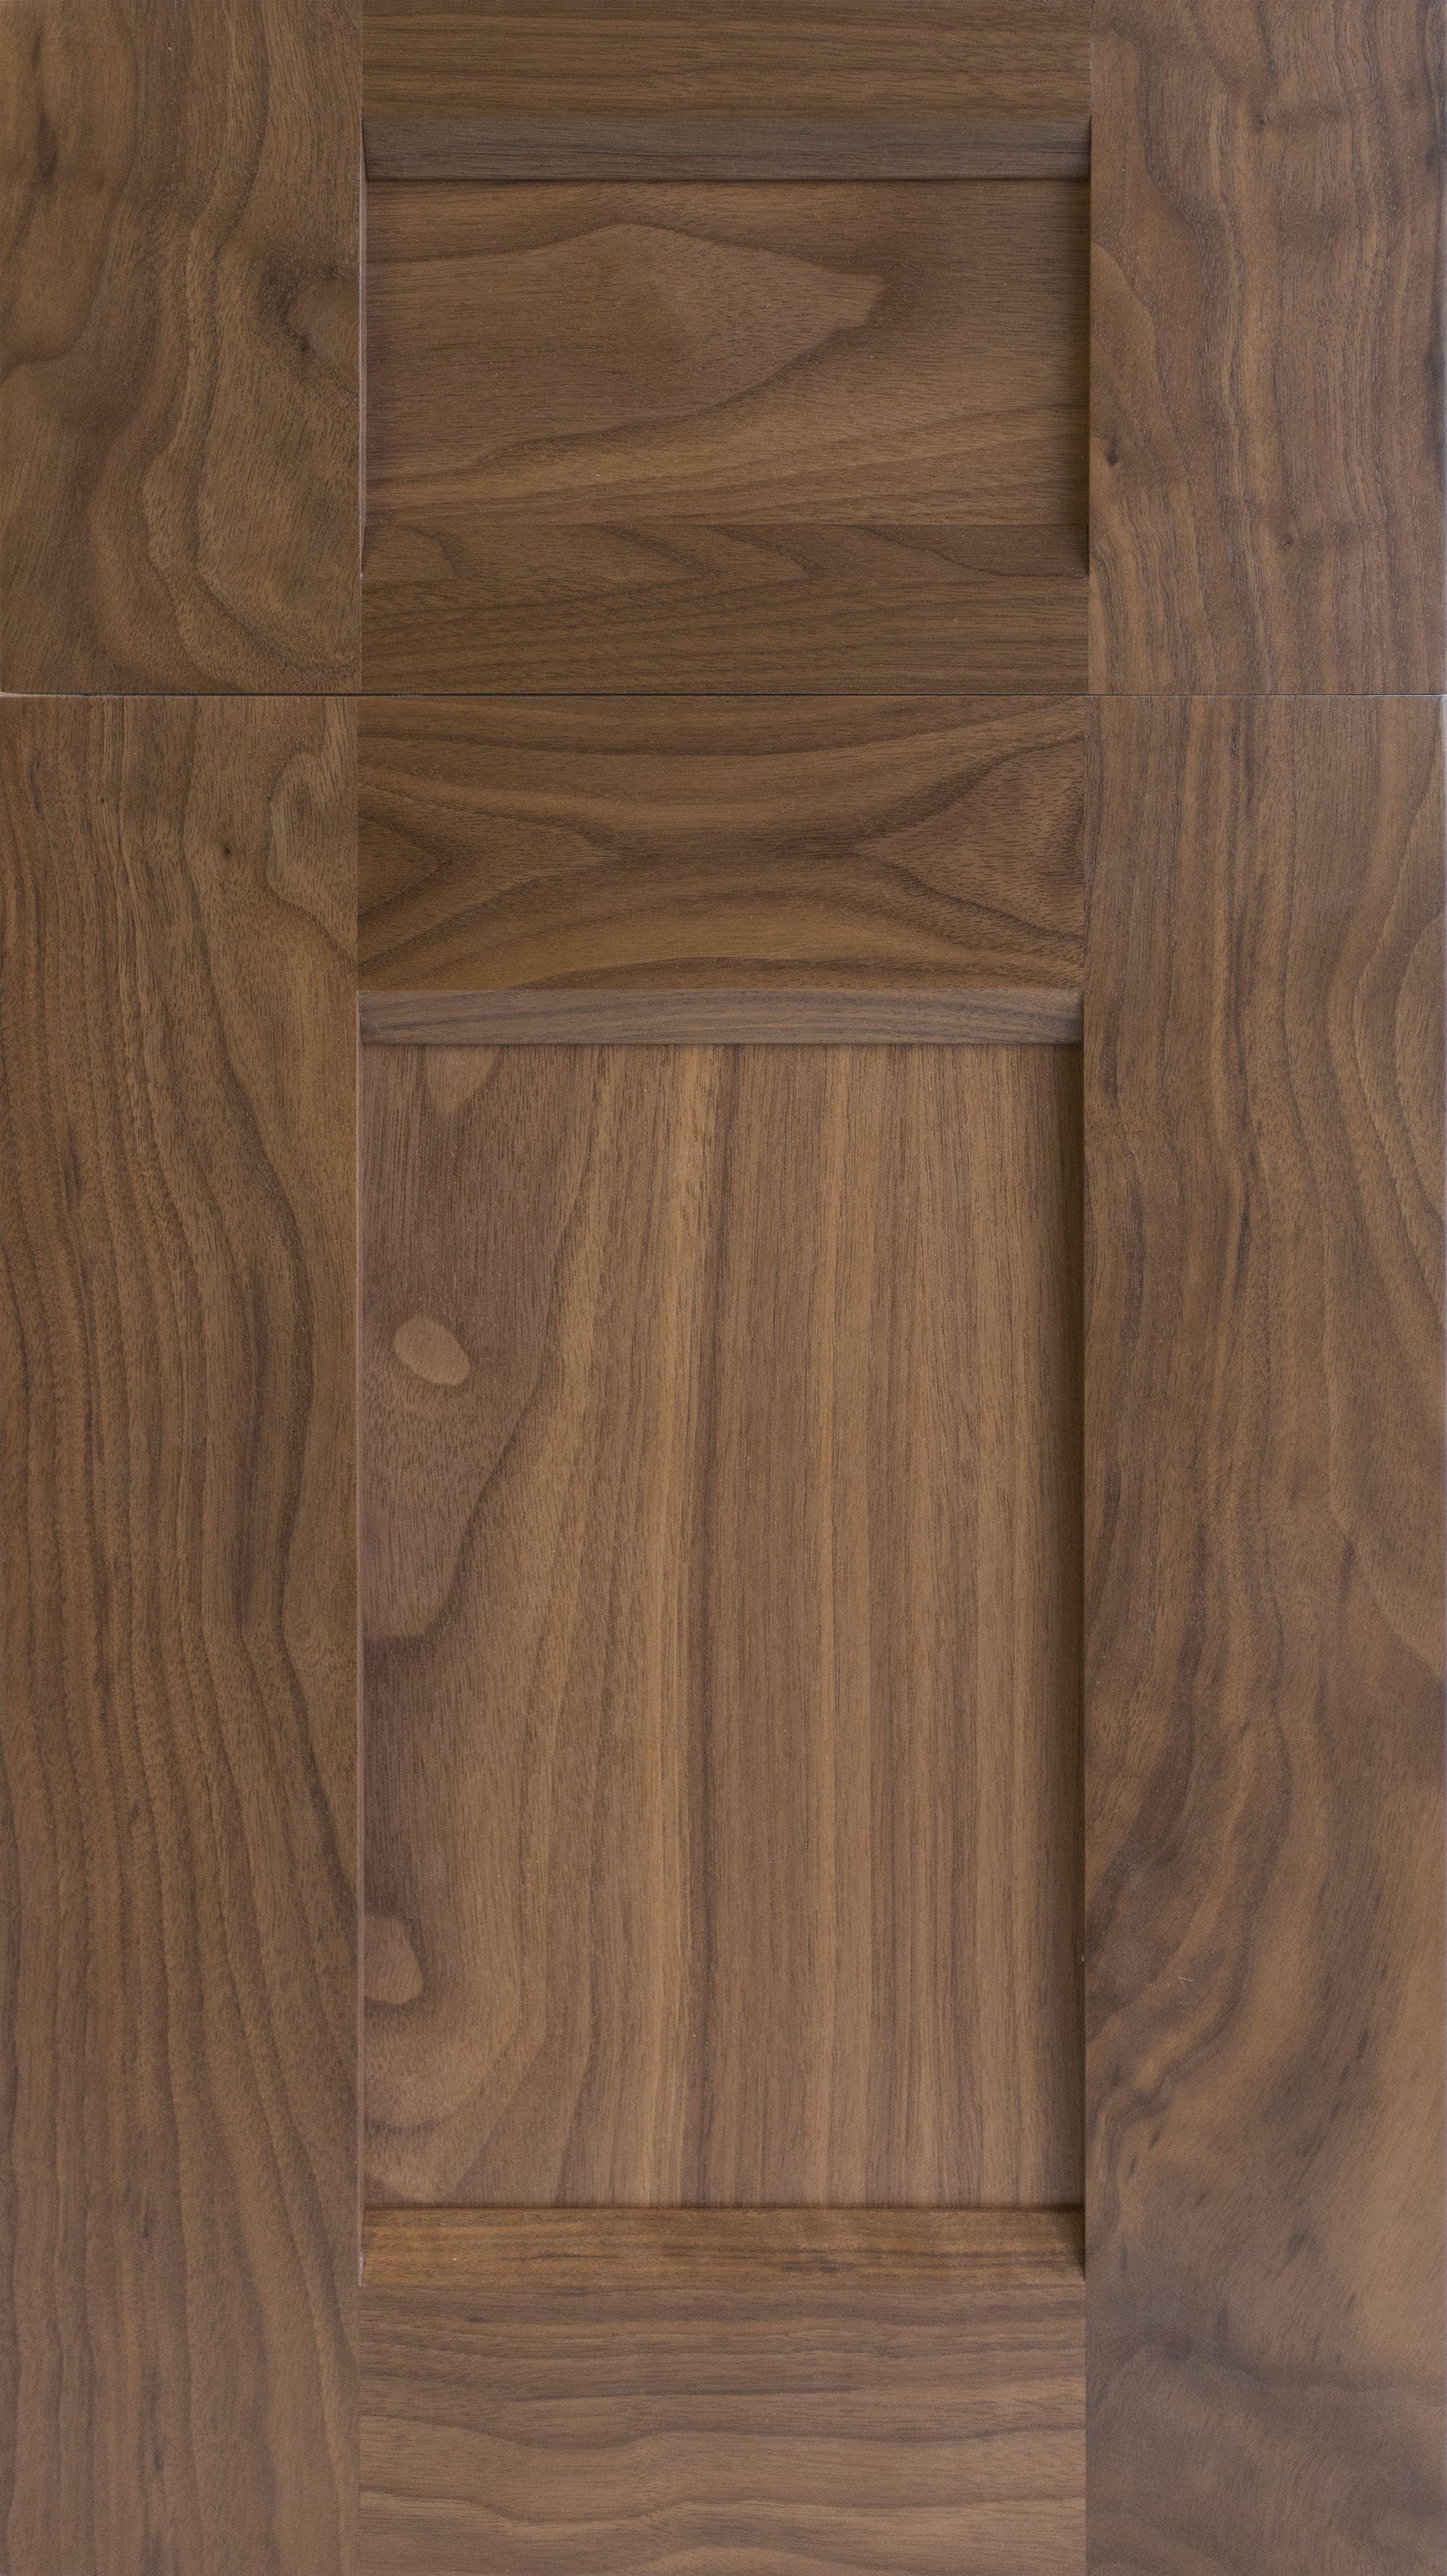 Sherdian Wide Rail Door In Black Walnut With Cardomon Stain Walnut Kitchen Cabinets Walnut Kitchen Kitchen Cabinets